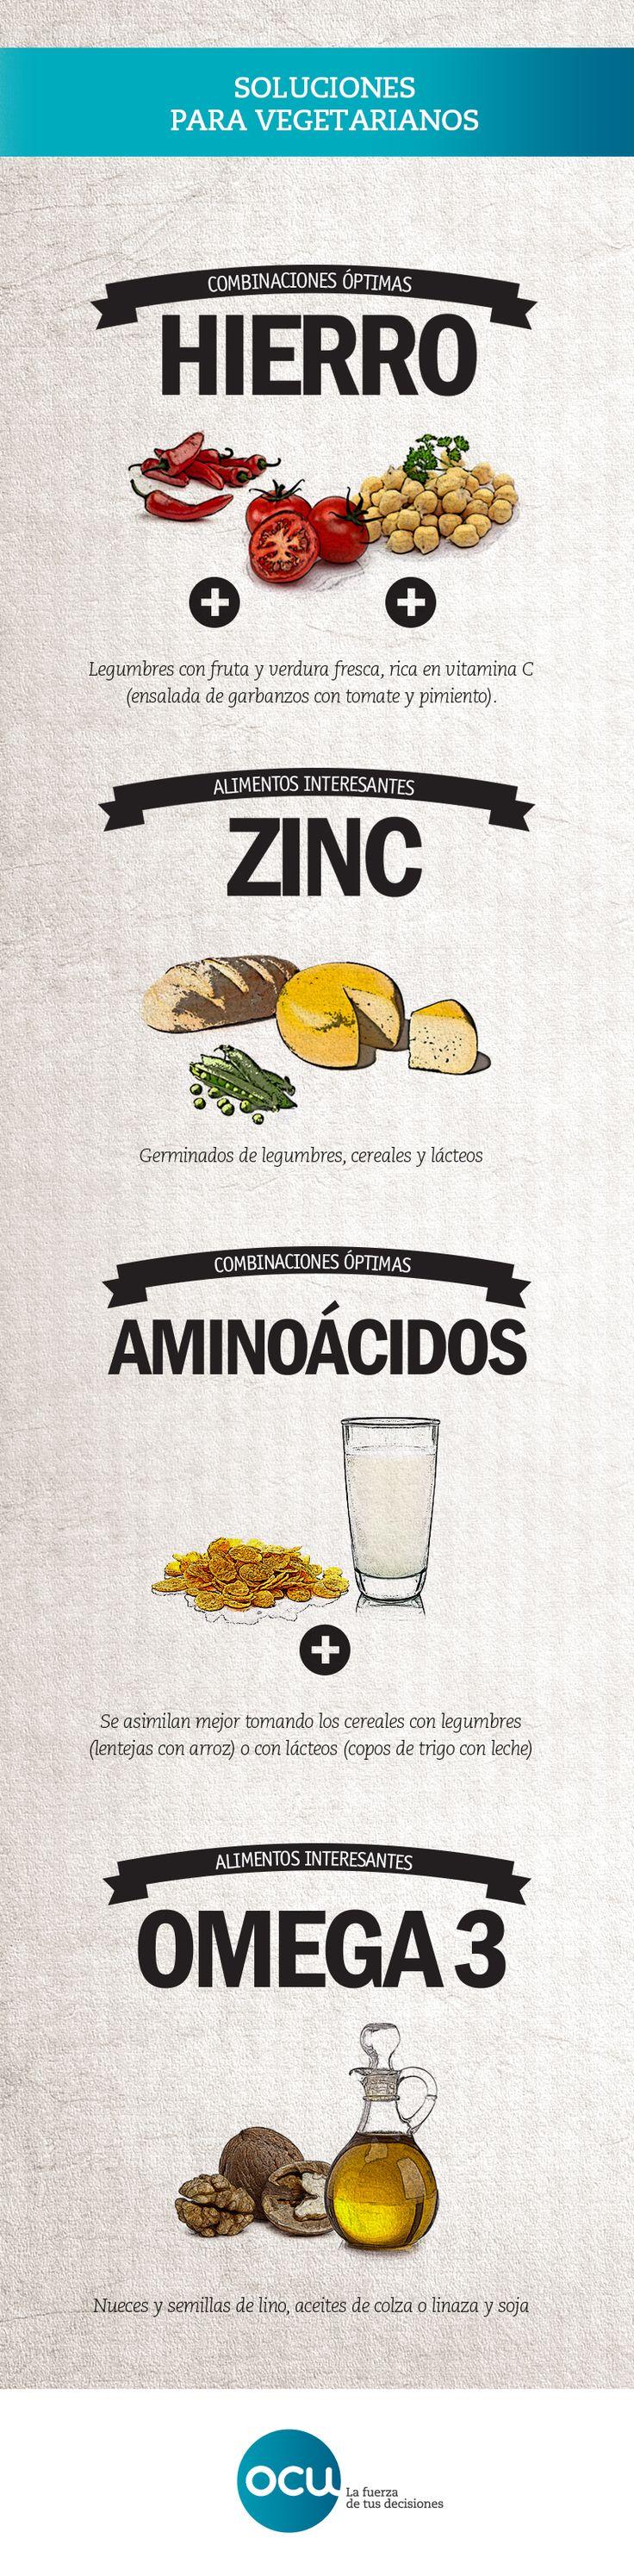 Combinaciones vegetarianas: las mezclas de alimentos más interesantes para llenar de nutrientes una dieta vegetariana. Que no te falte de nada.